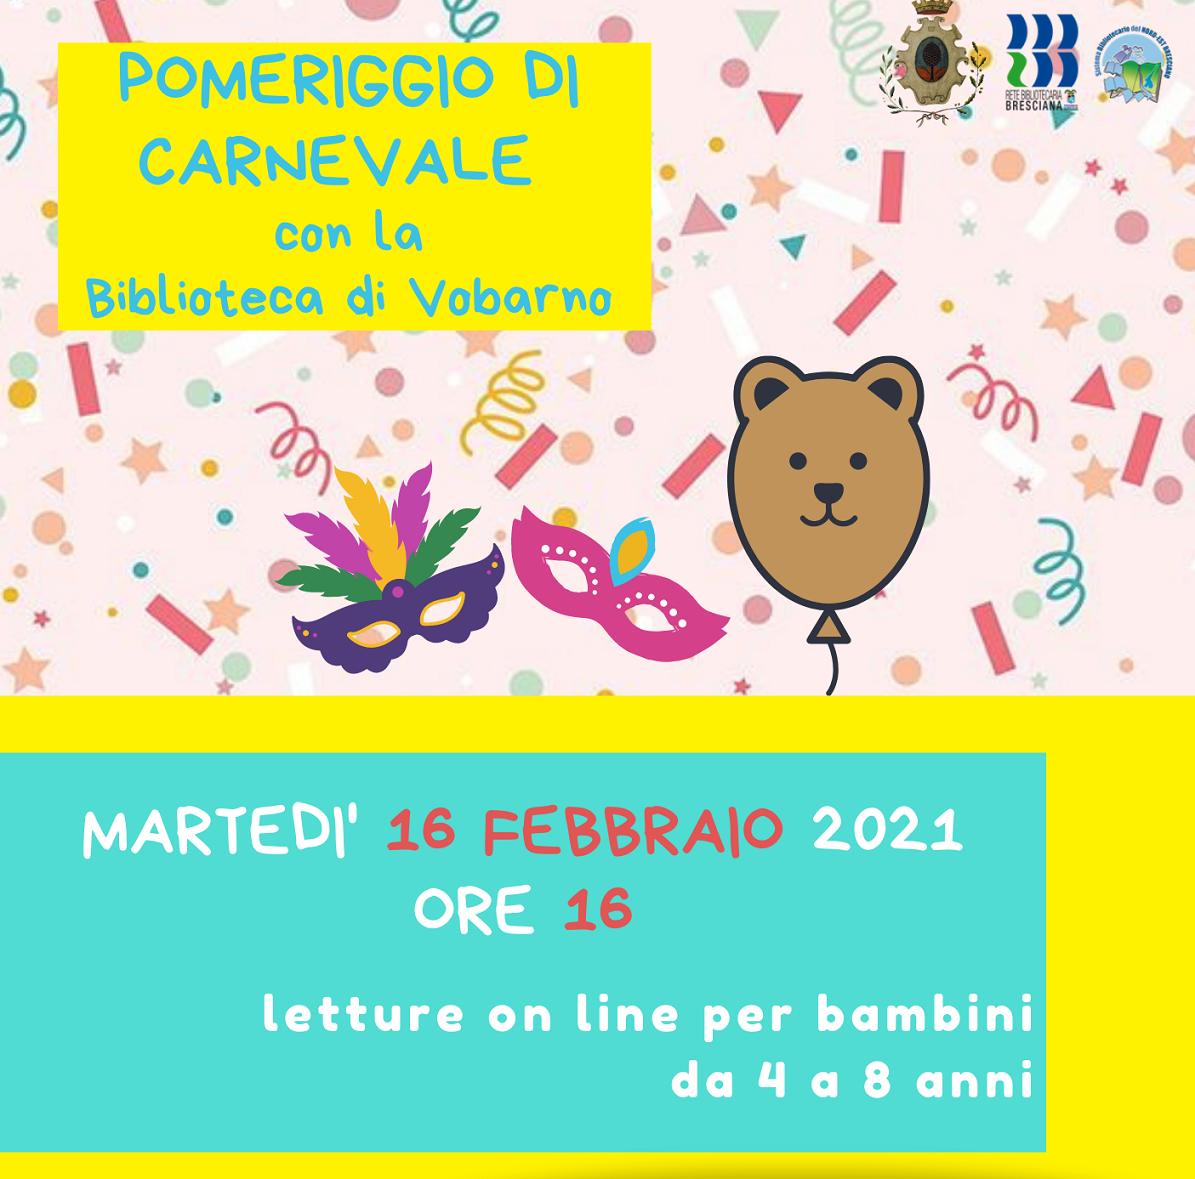 Pomeriggio Di Carnevale Con La Biblioteca  16-02-2021 ore 16,00